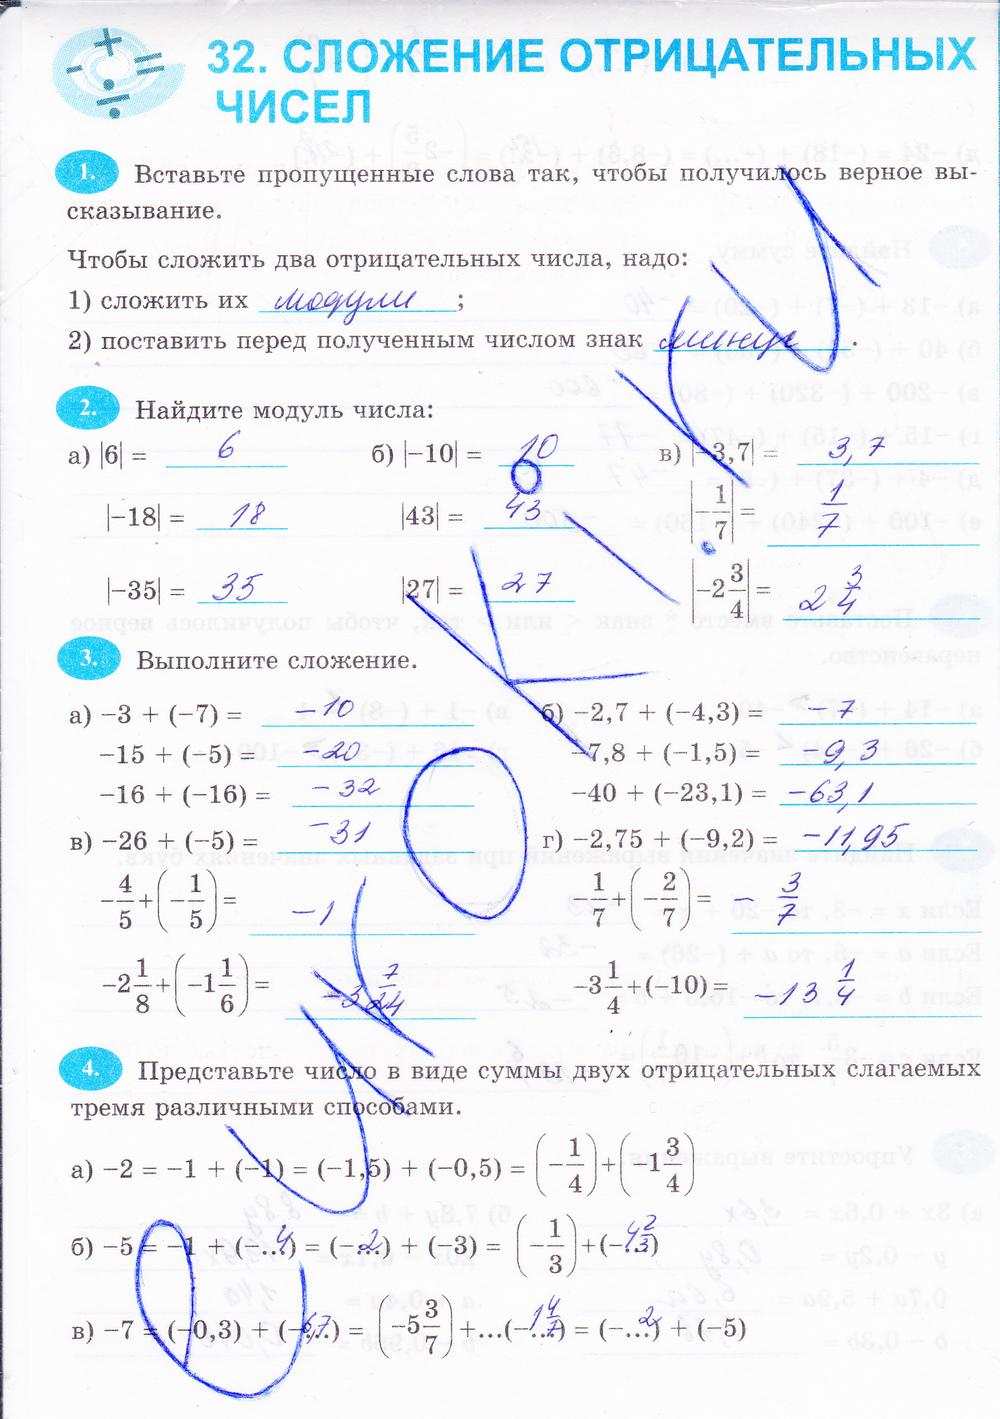 1 виленкина учебнику к математике часть класс по тетради 6 гдз к рабочей